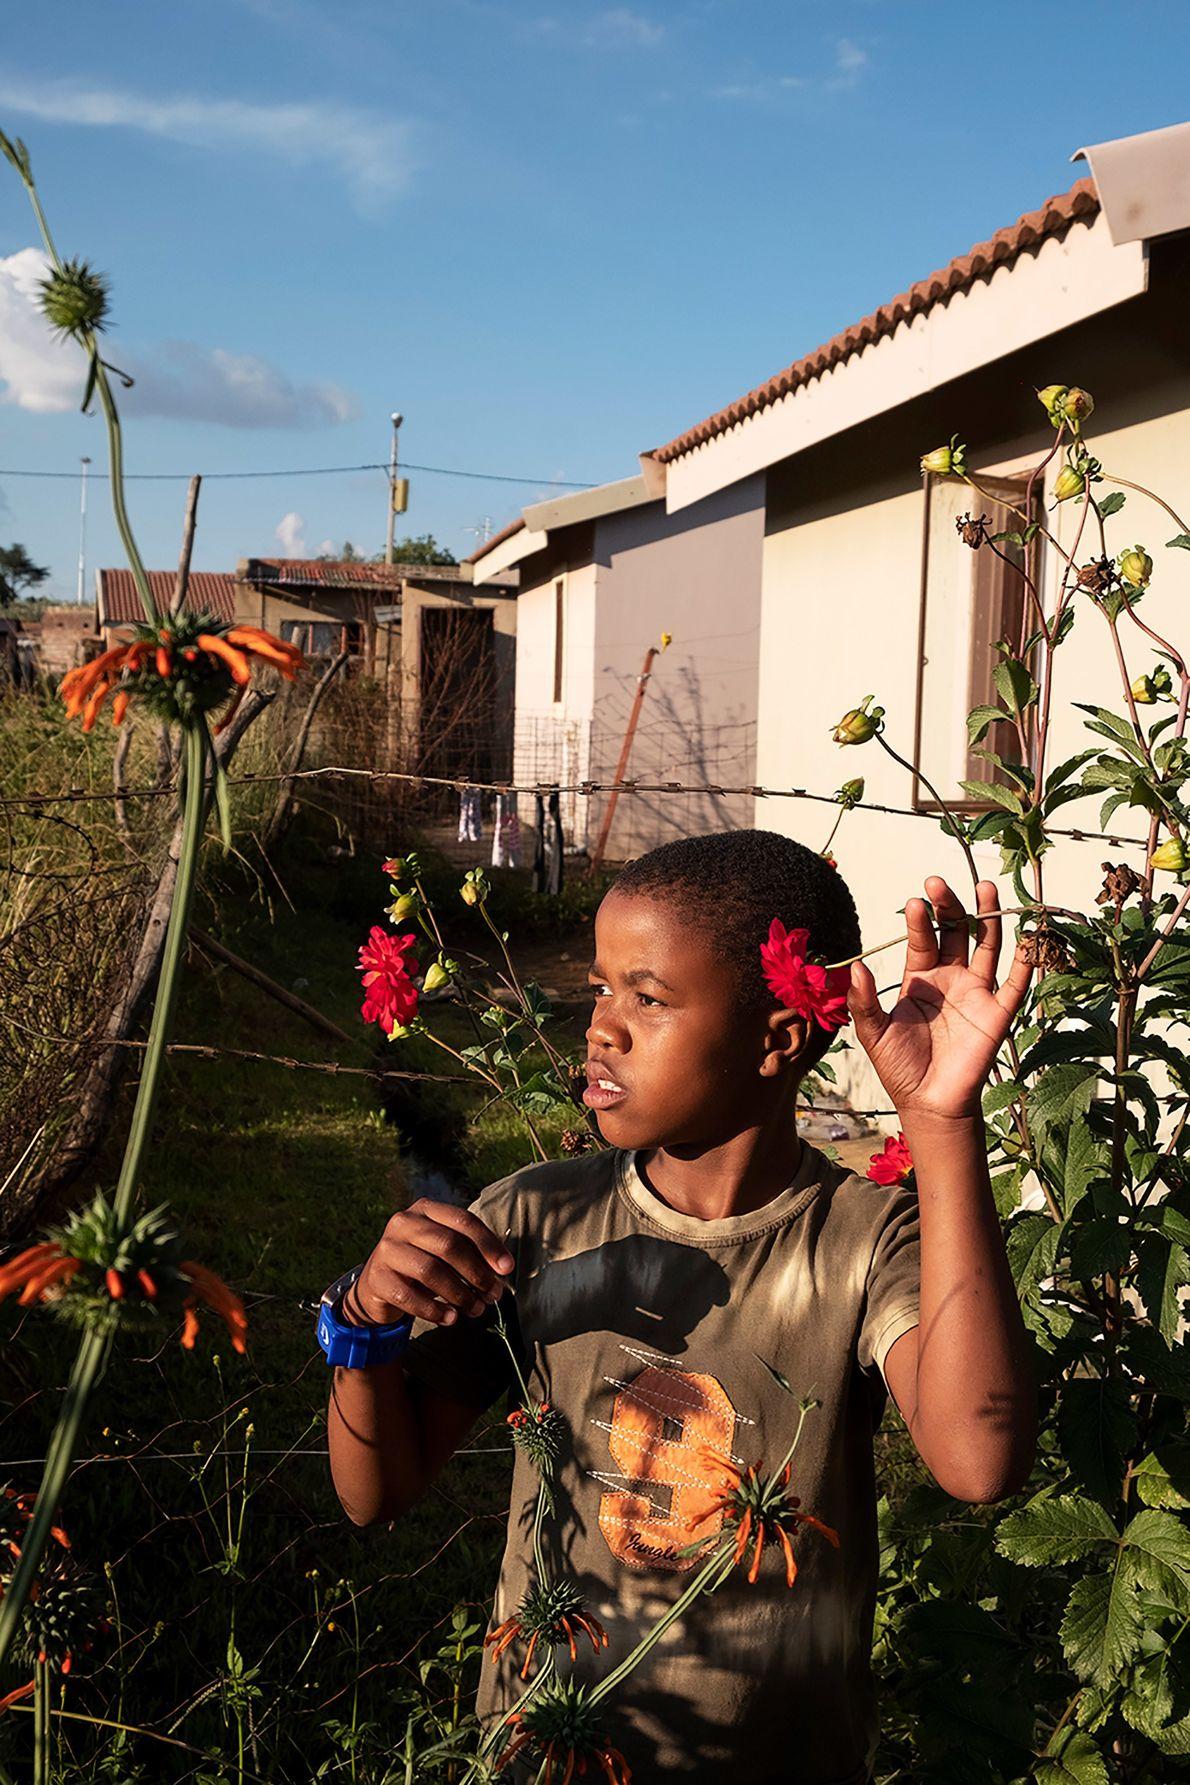 Un niño de Johannesburgo, Sudáfrica, encuentra belleza en las flores silvestres que crecen en el alambre de espino. ...